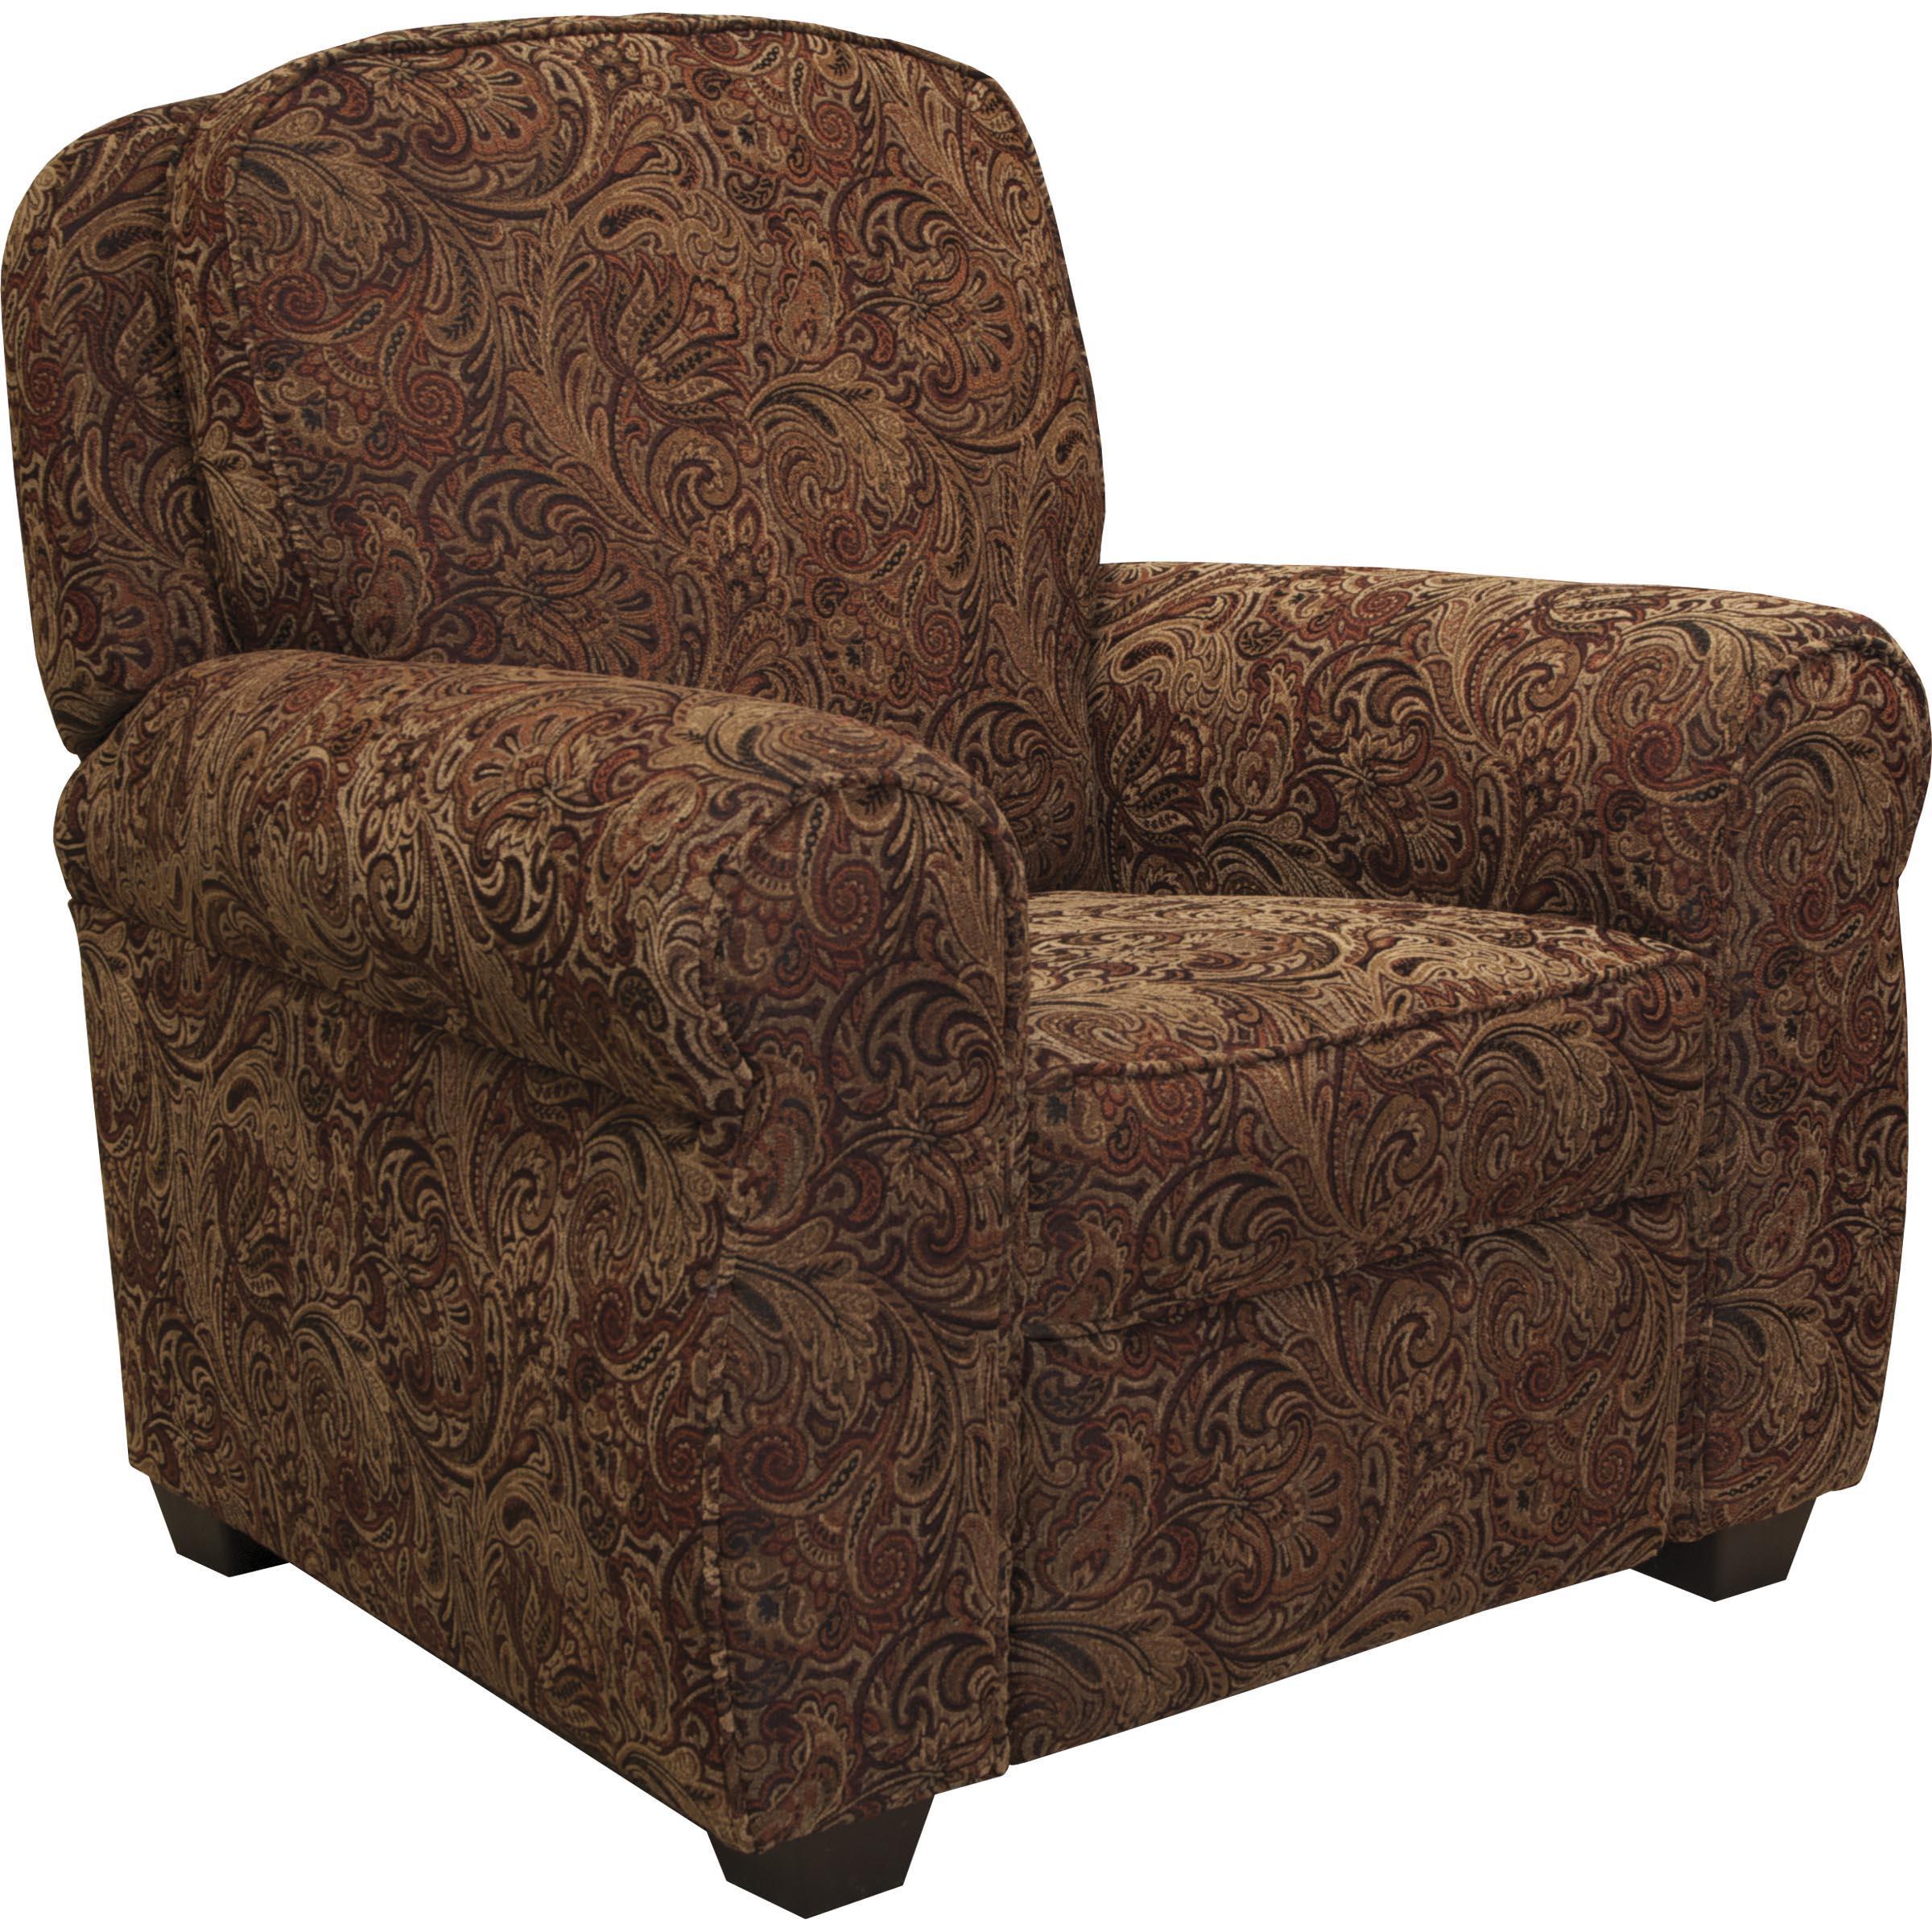 Jackson Furniture Downing Press Back Recliner - Item Number: 4384-11-2907-59